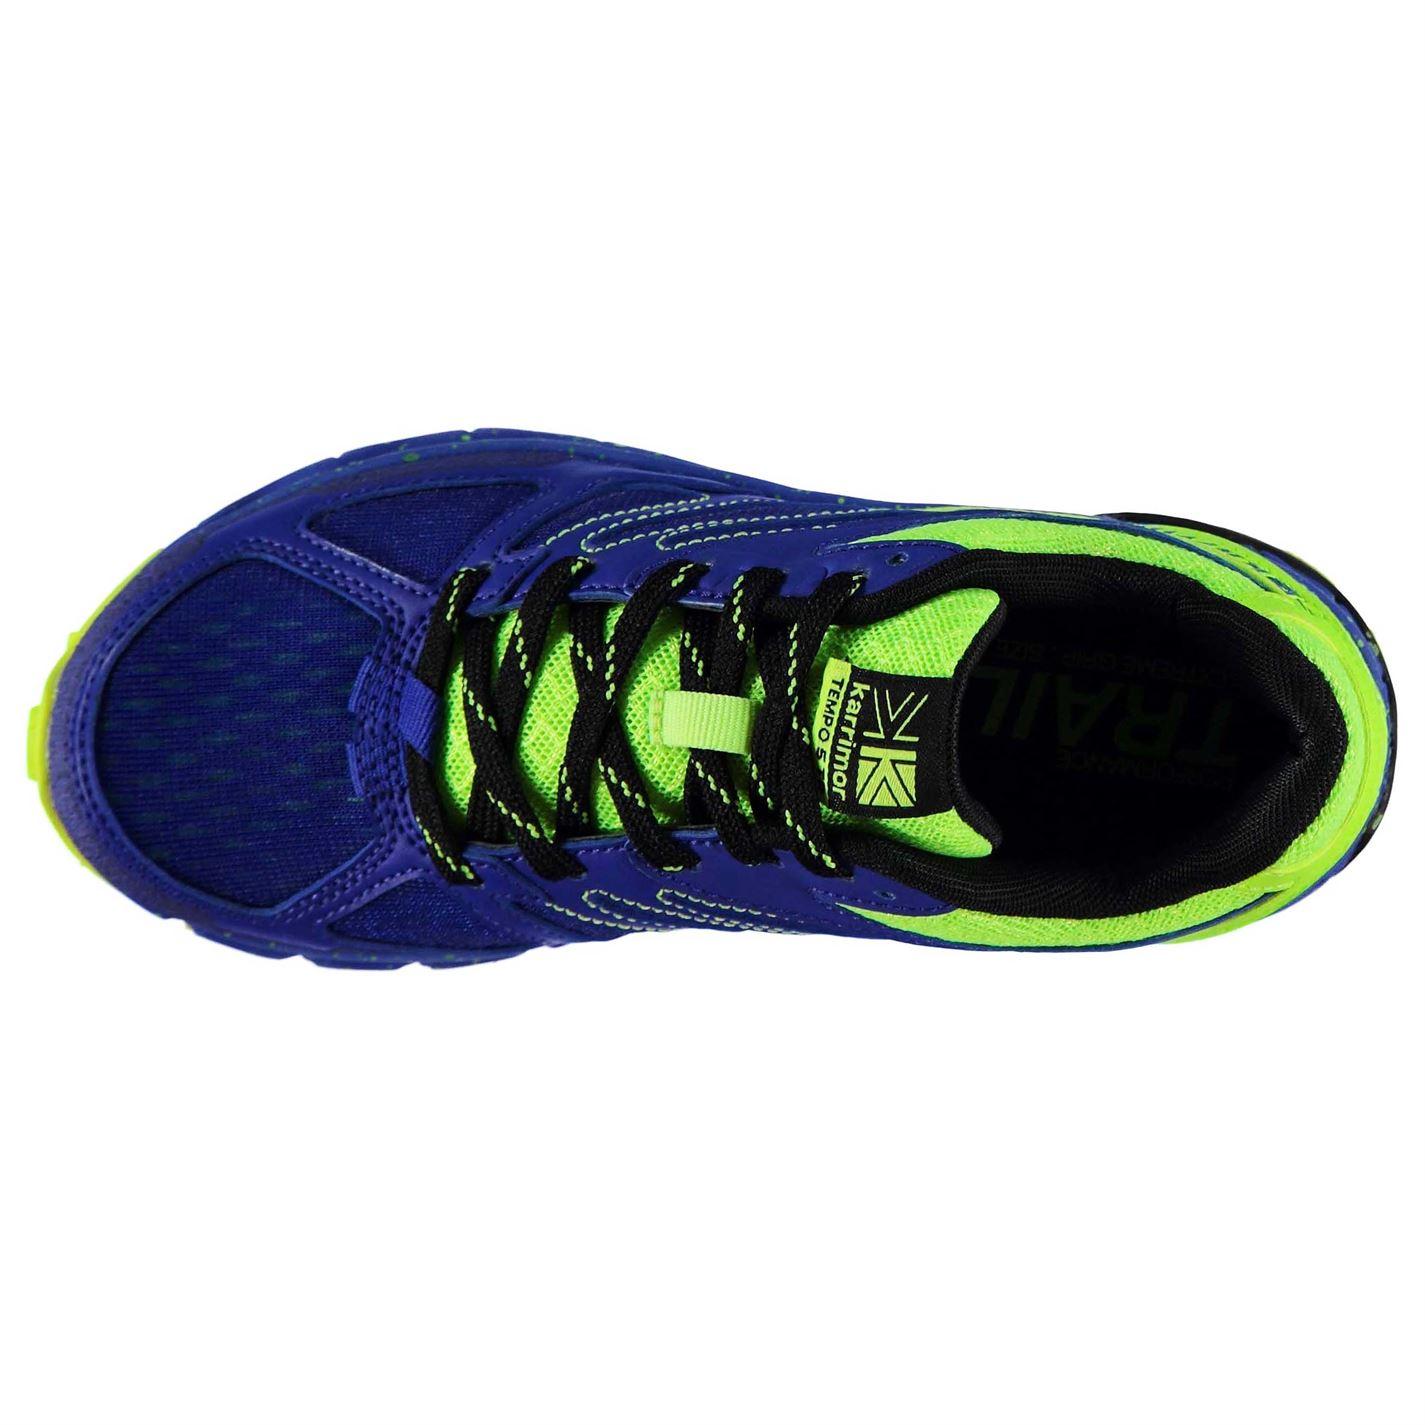 Adidasi alergare Karrimor Tempo 5 pentru baieti albastru verde lime